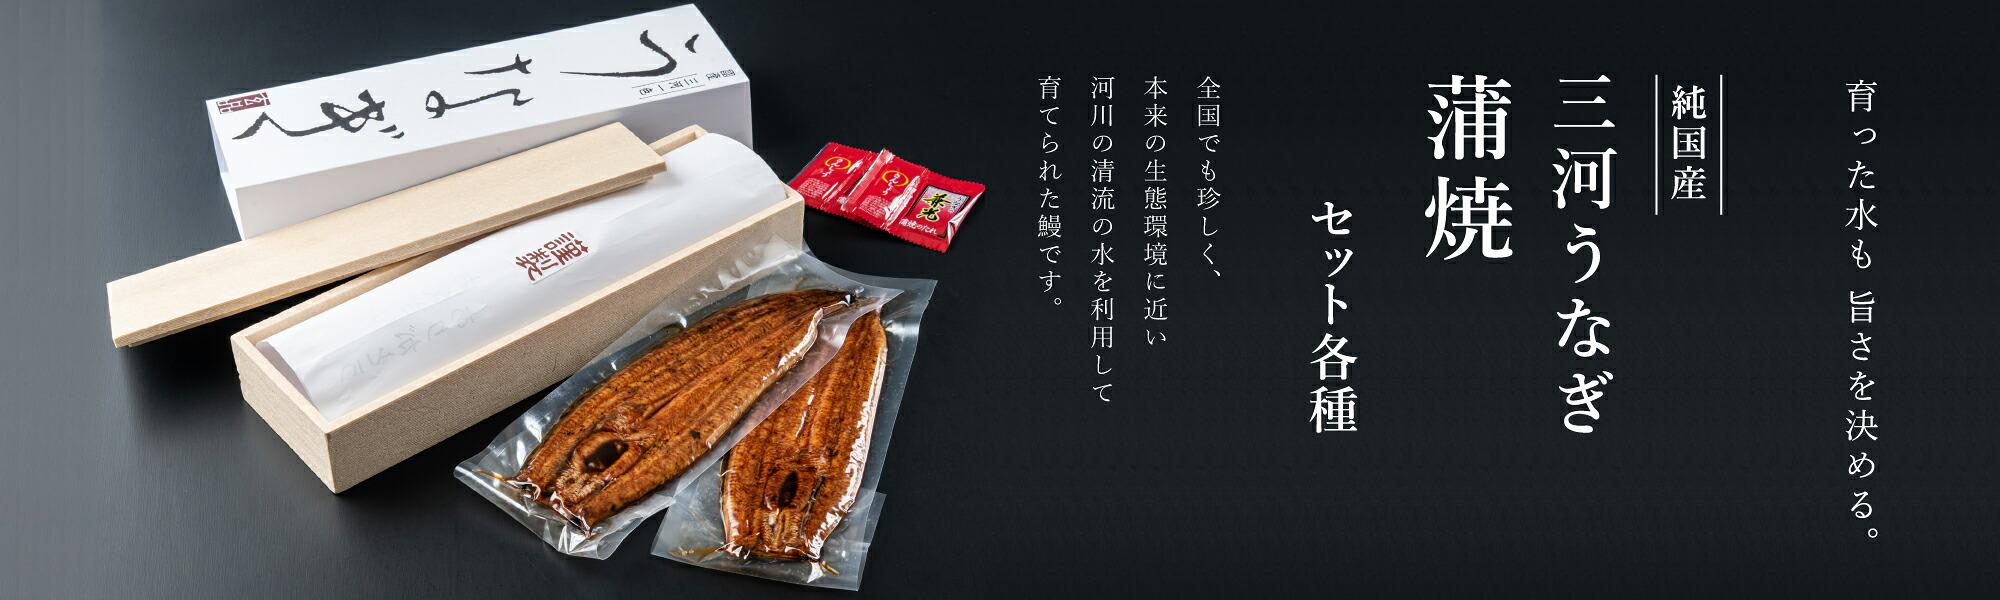 国産三河の鰻(うなぎ)販売中